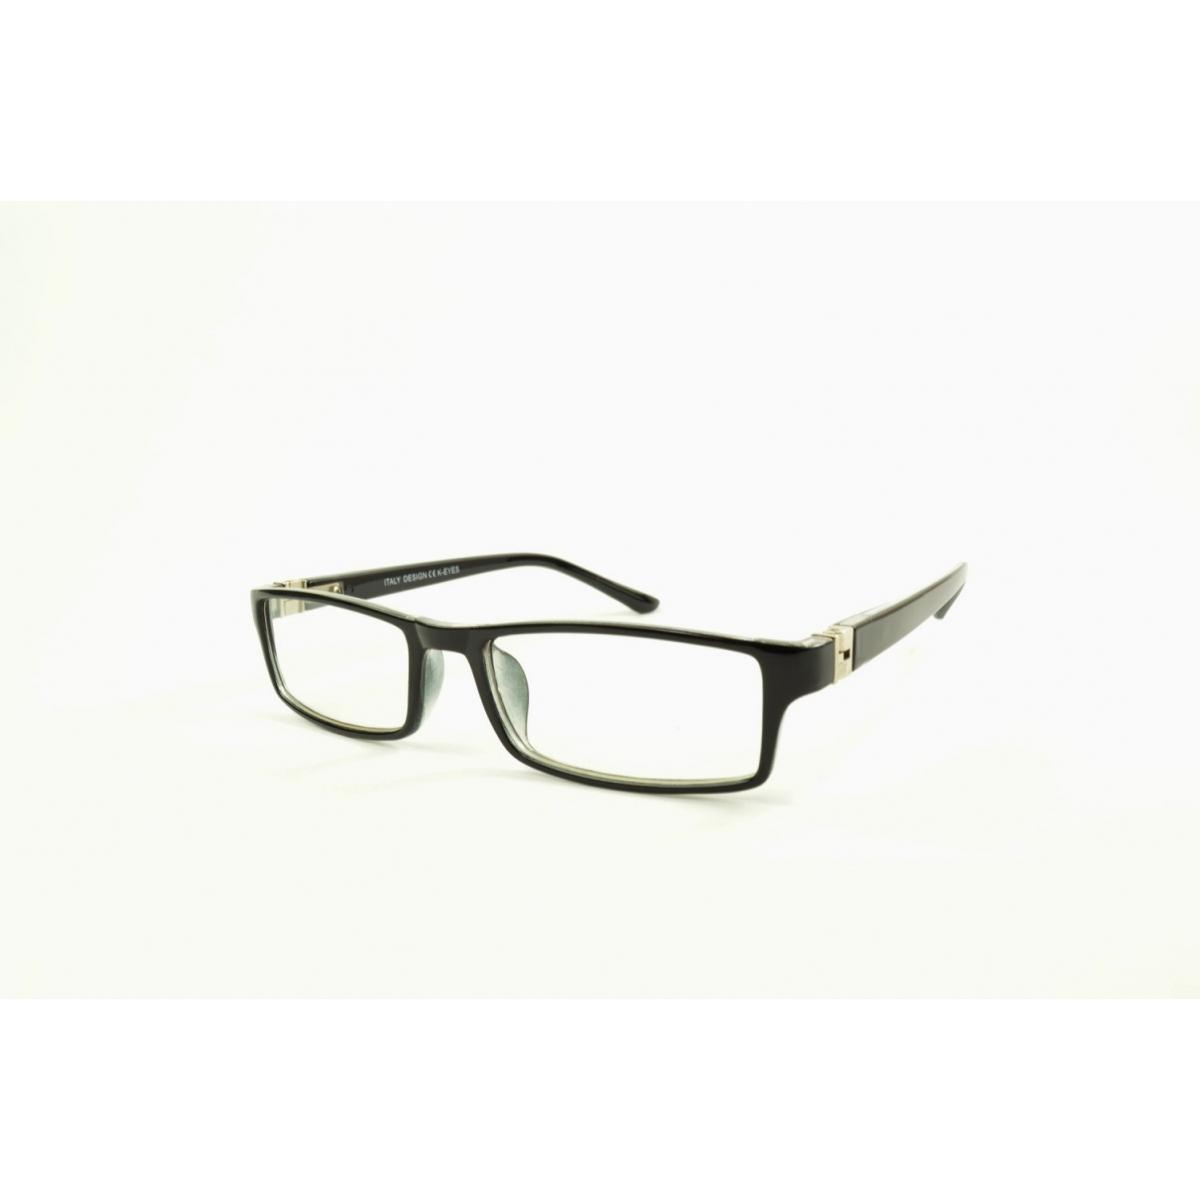 Fines lunettes de lecture rectangulaires aux branches extensibles à 180 degrés